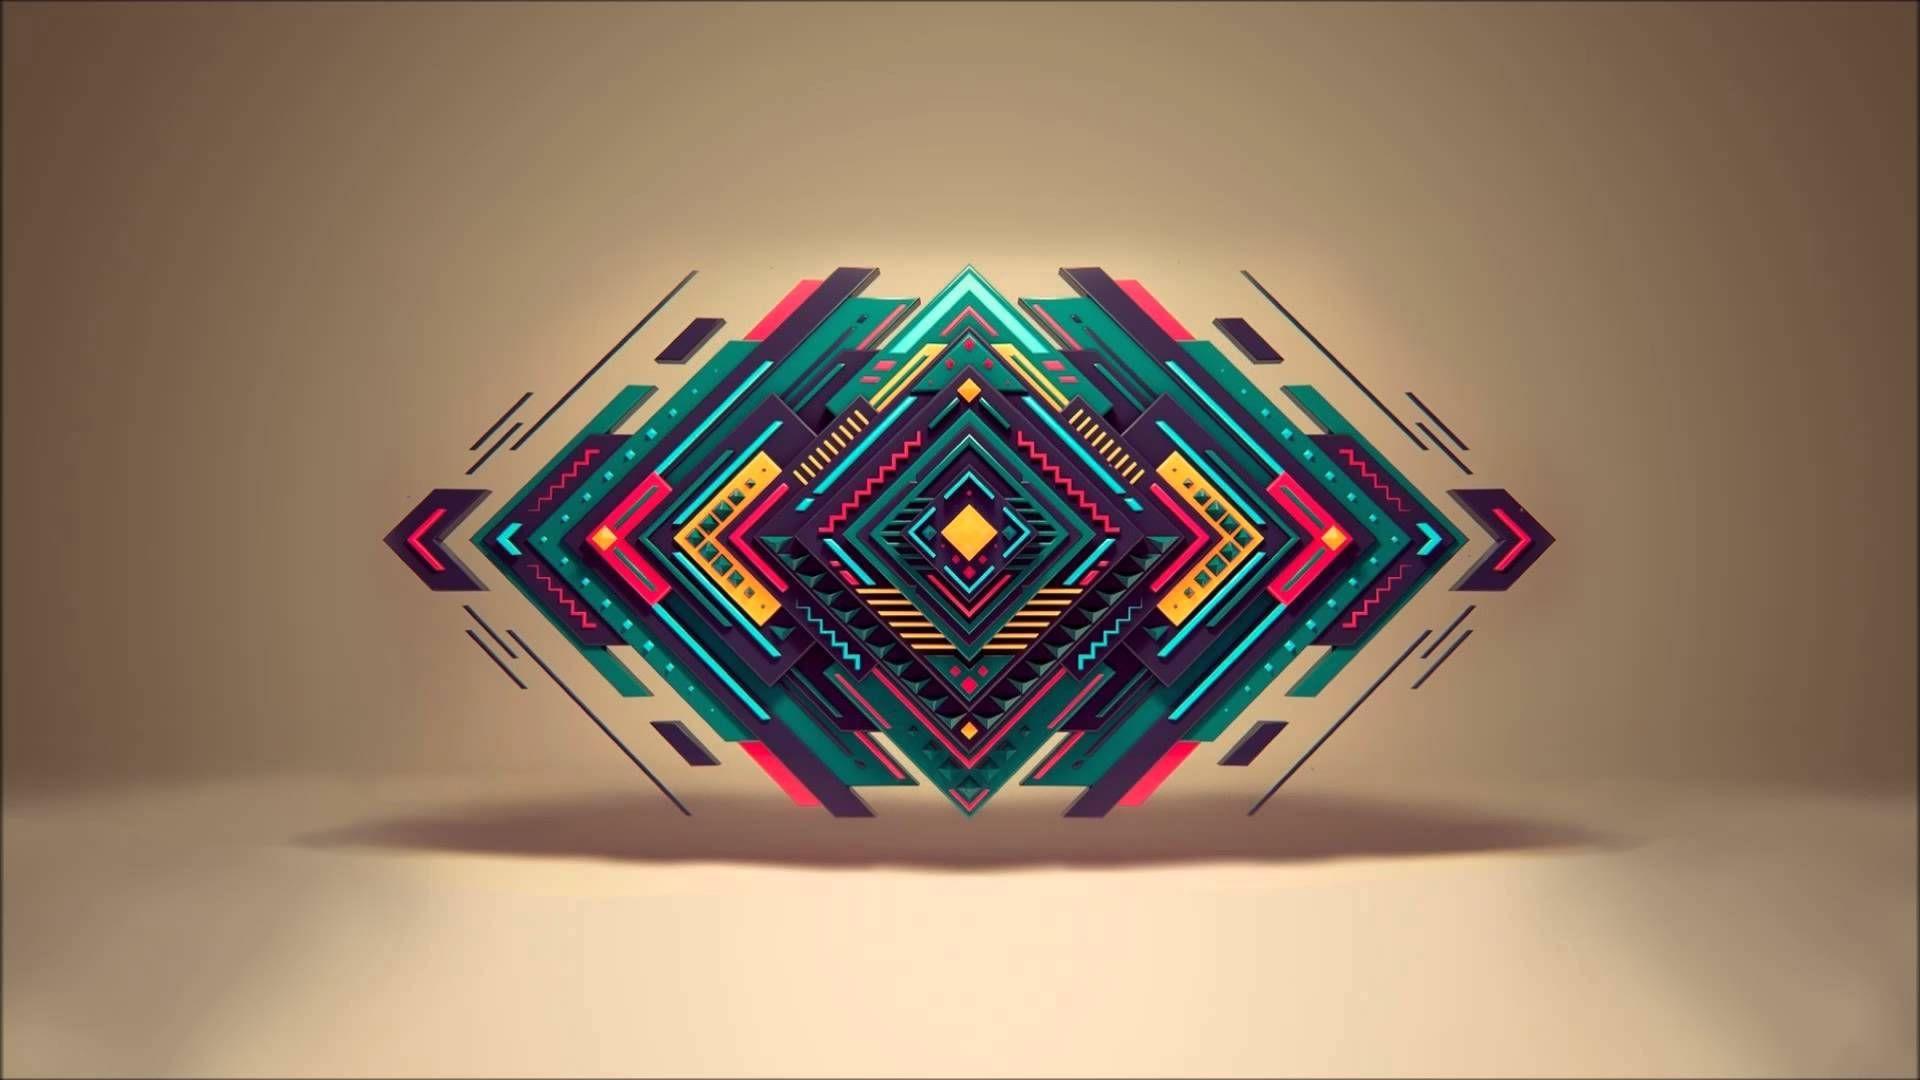 Youtube Thumbnail Grabber Geometric Shapes Wallpaper Abstract Wallpaper Geometric Shapes